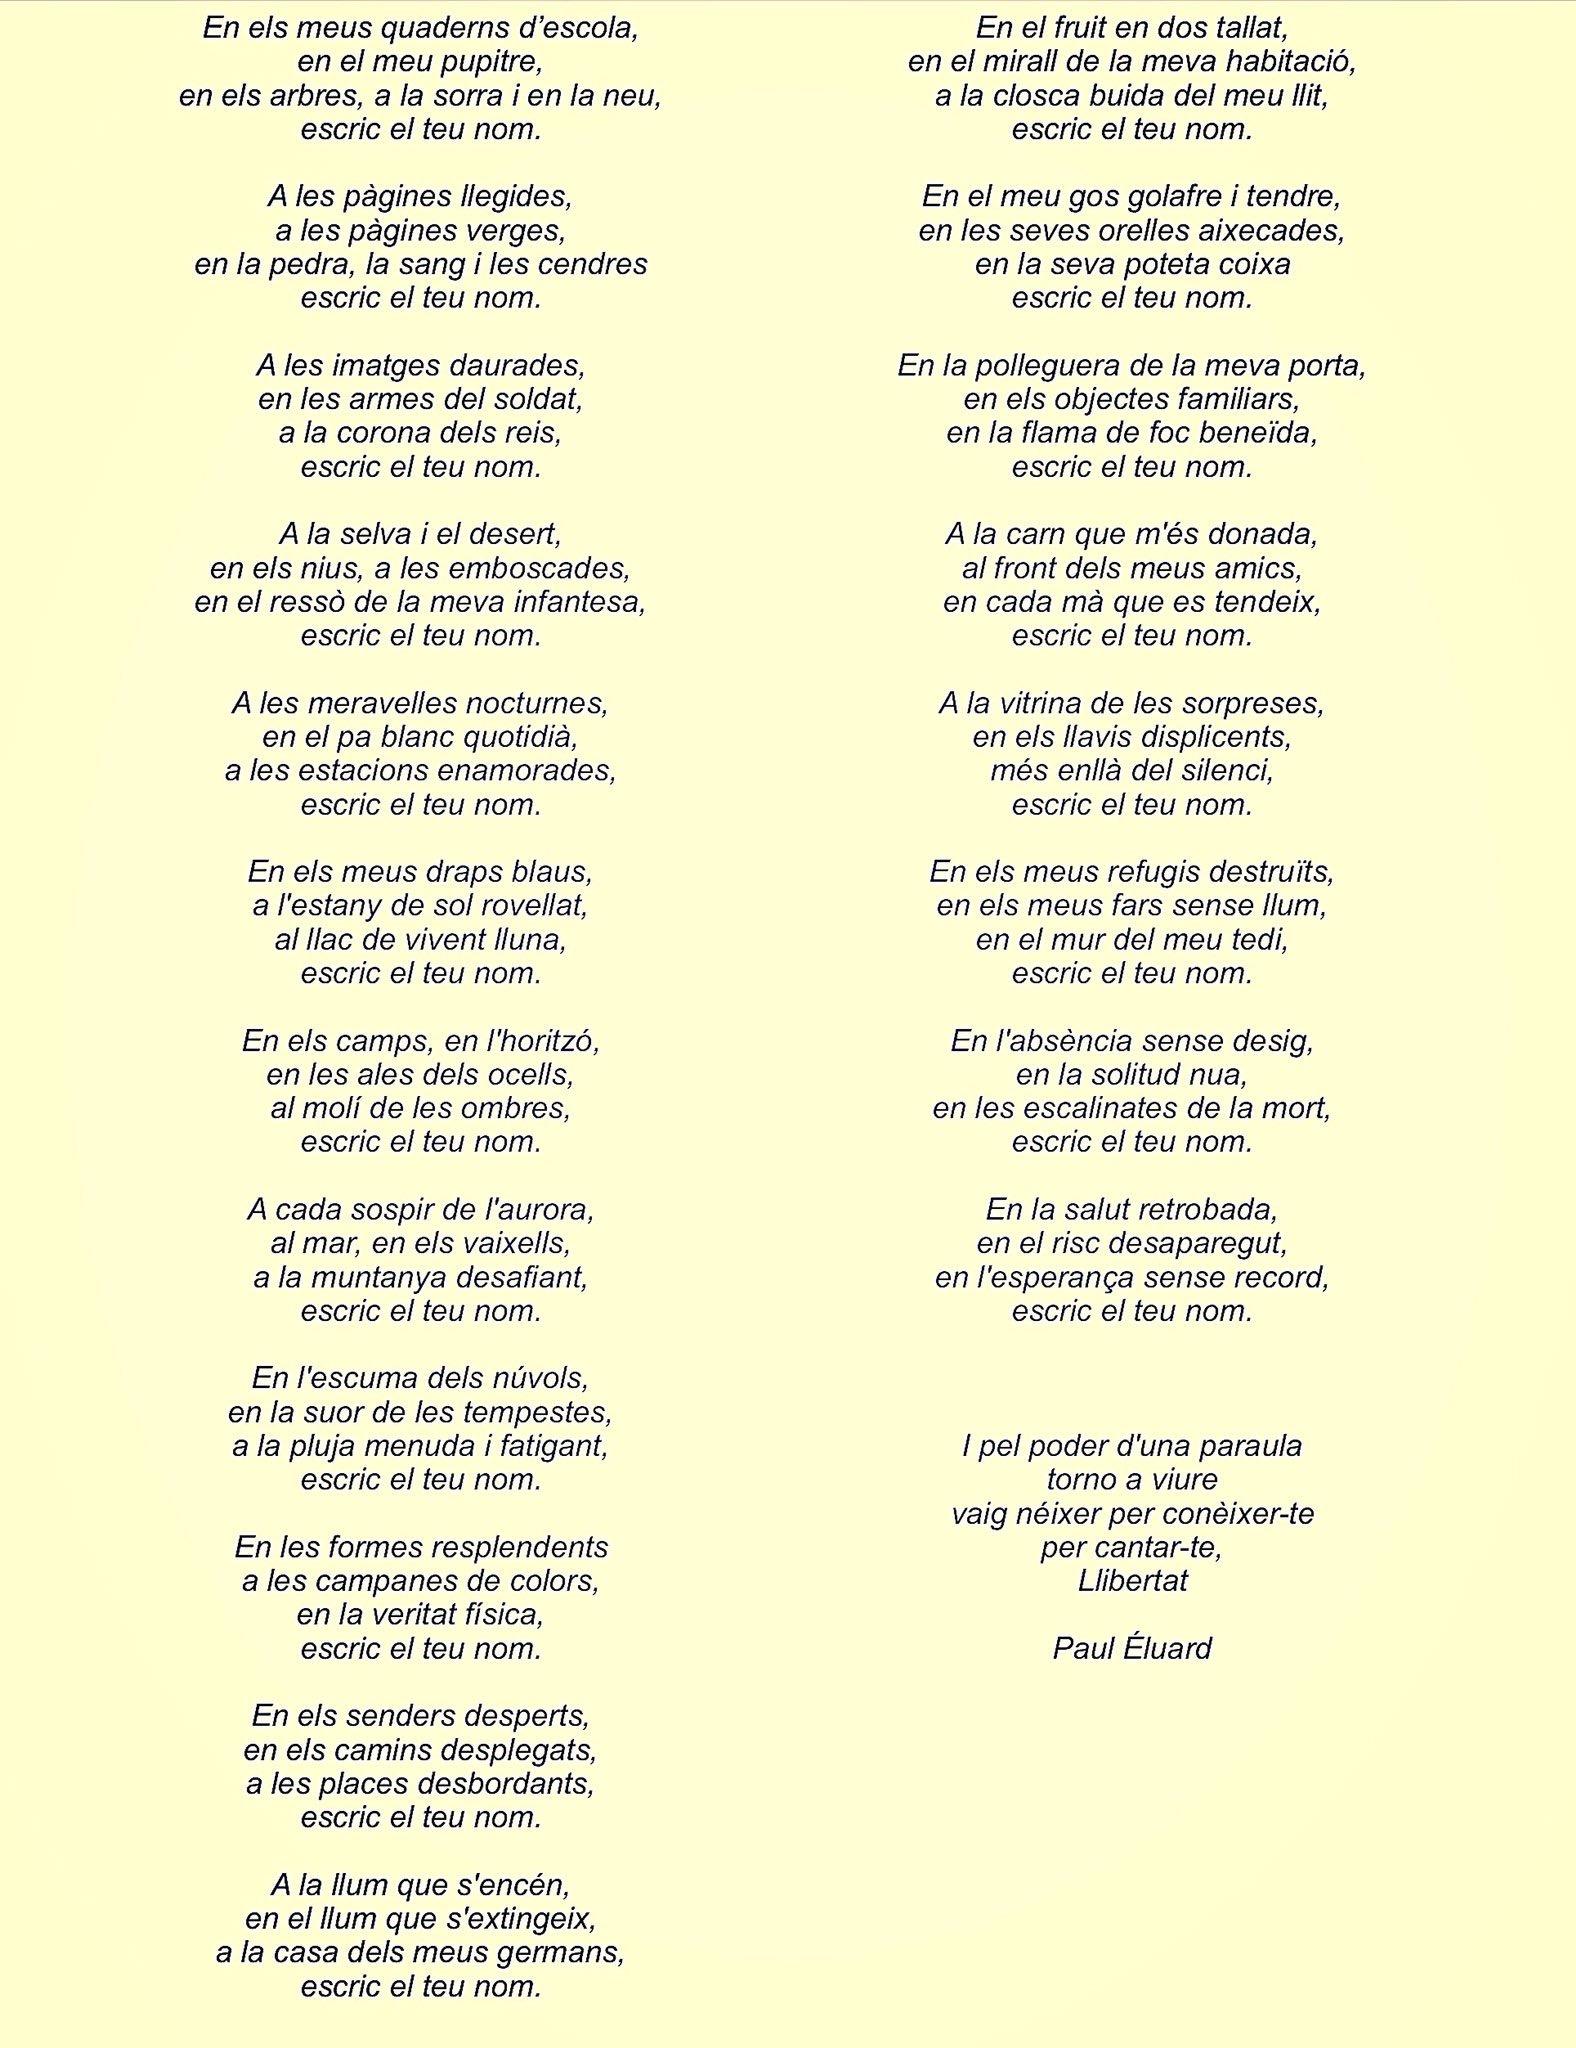 Poema de l'autor Paul Éluard